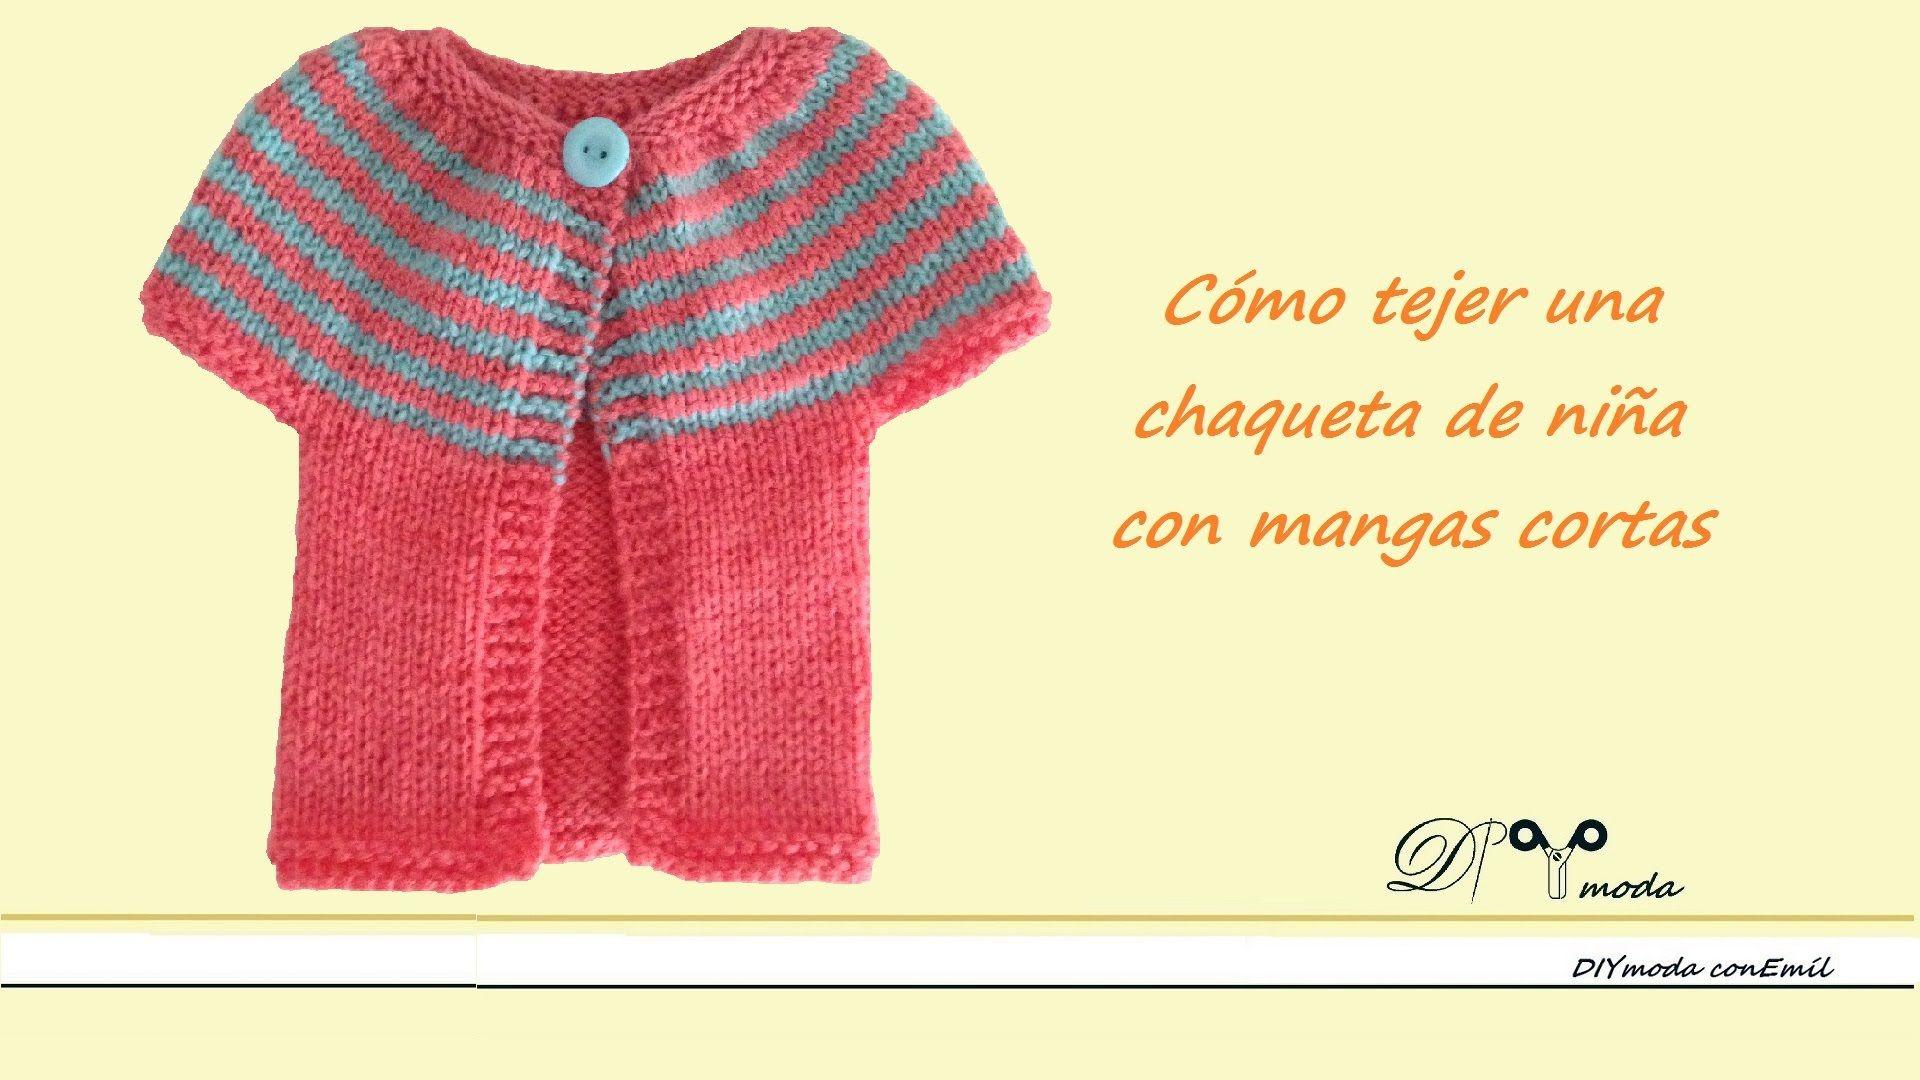 Cómo tejer chaqueta o abrigo con mangas cortas, para niña | ponchos ...